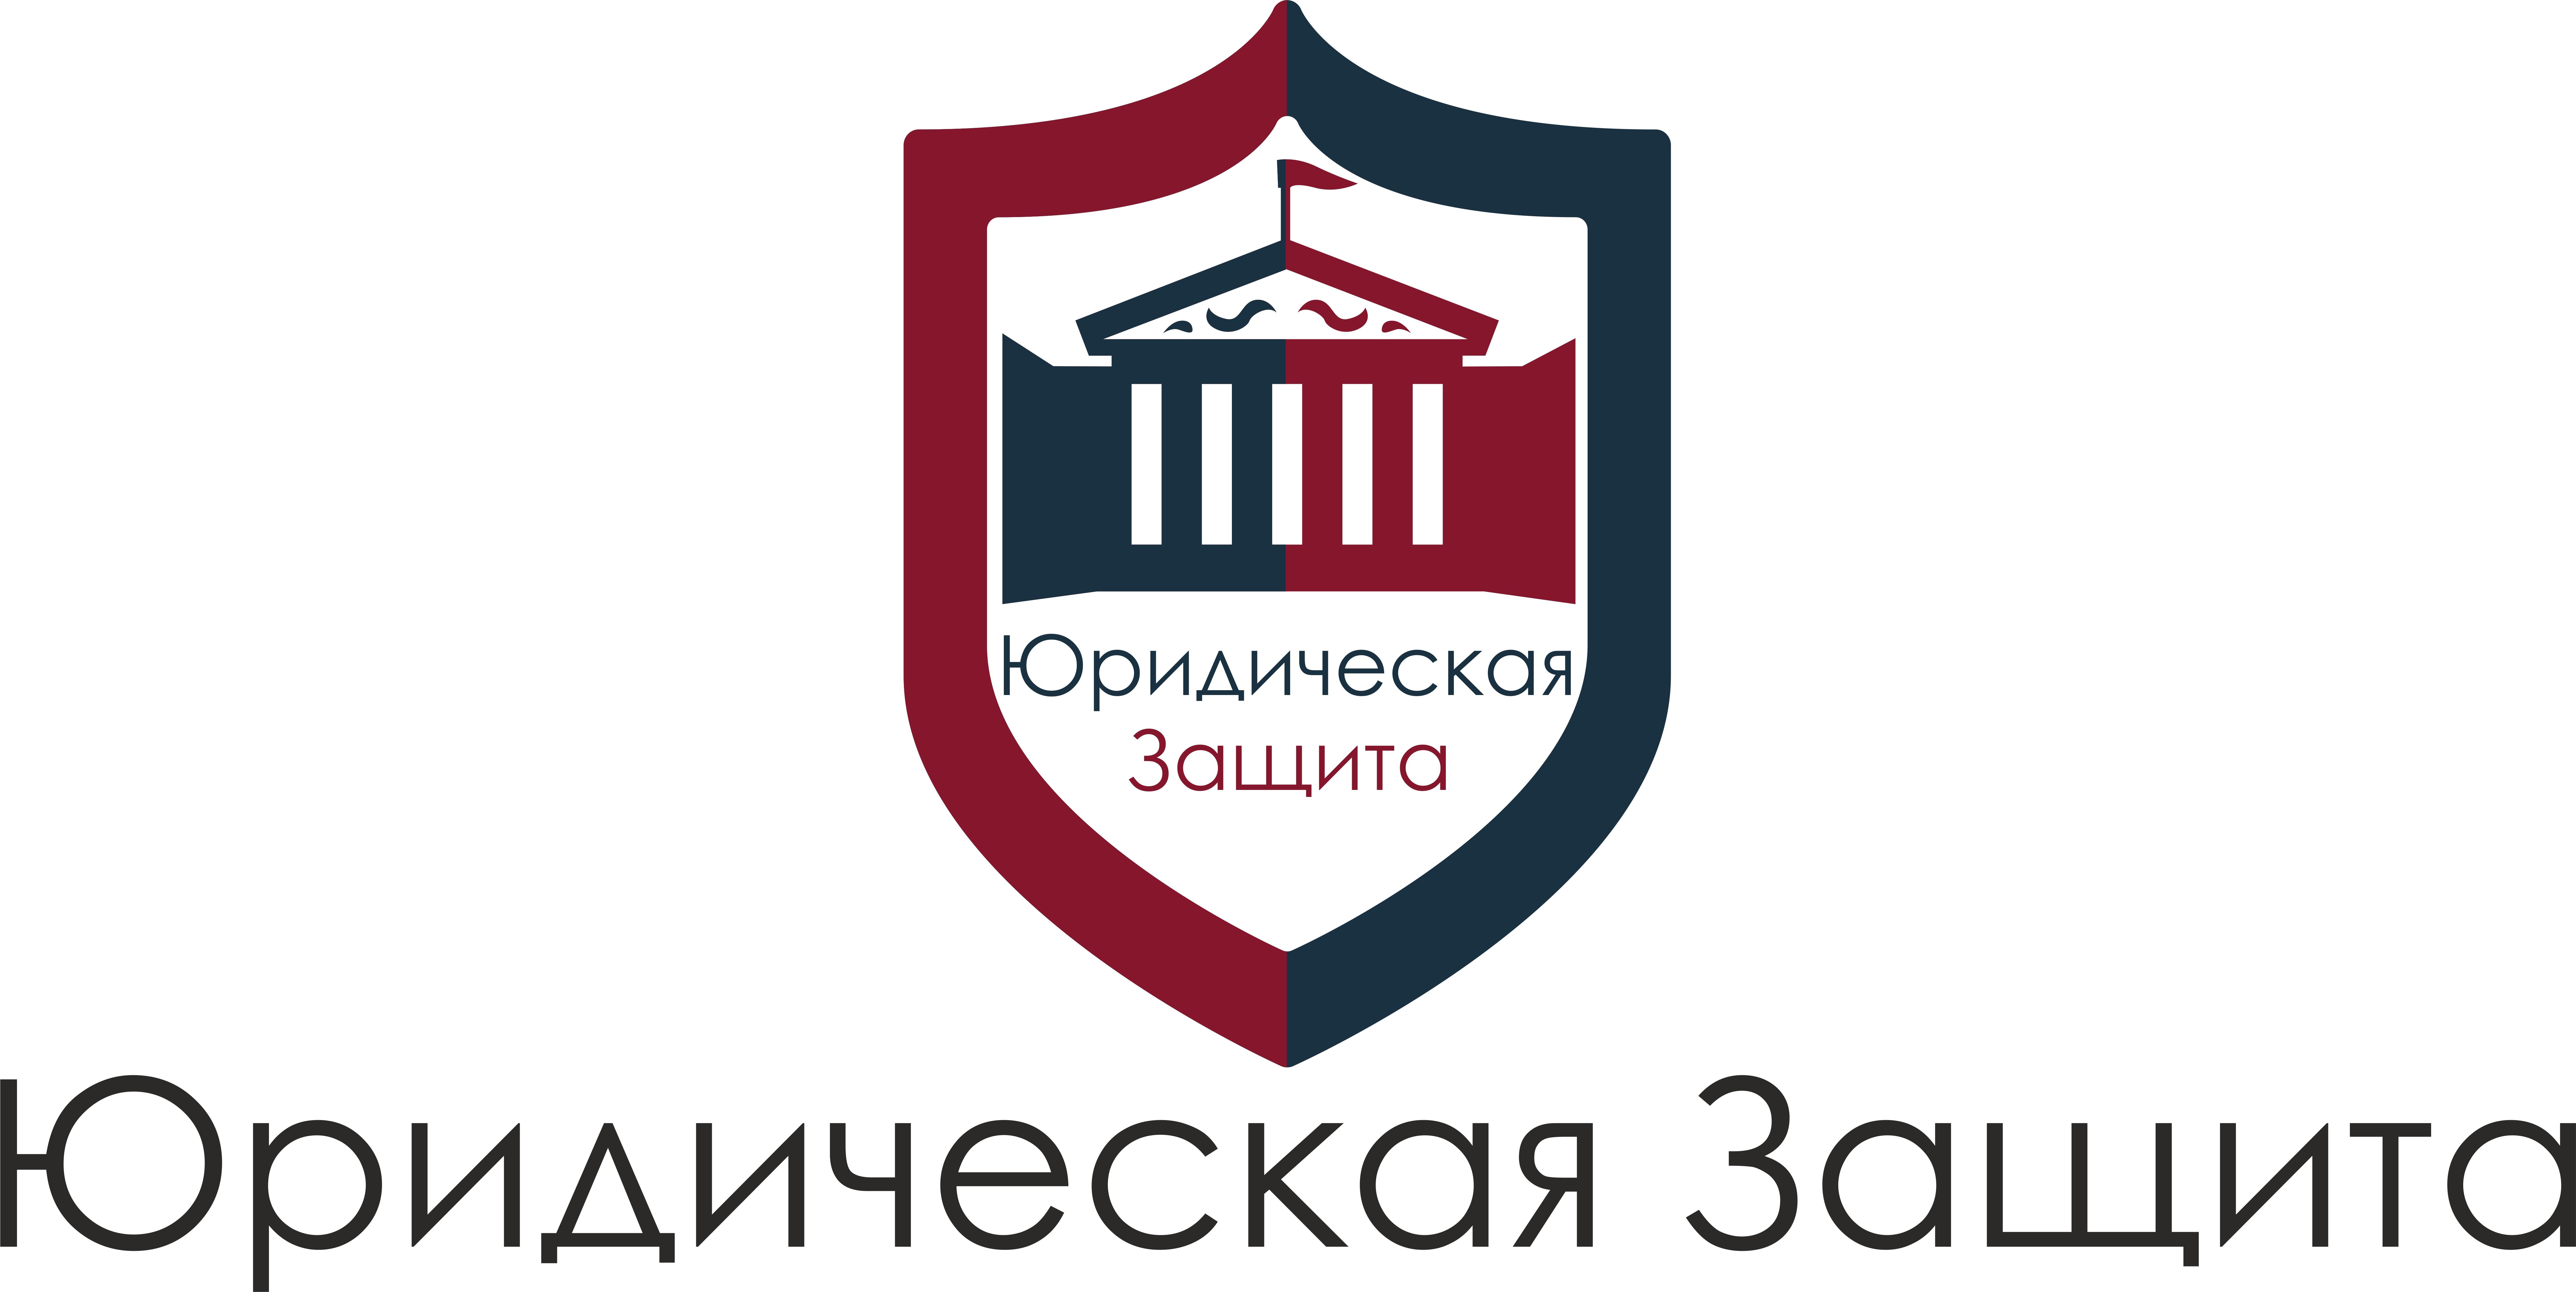 Разработка логотипа для юридической компании фото f_50455ddc68051133.jpg